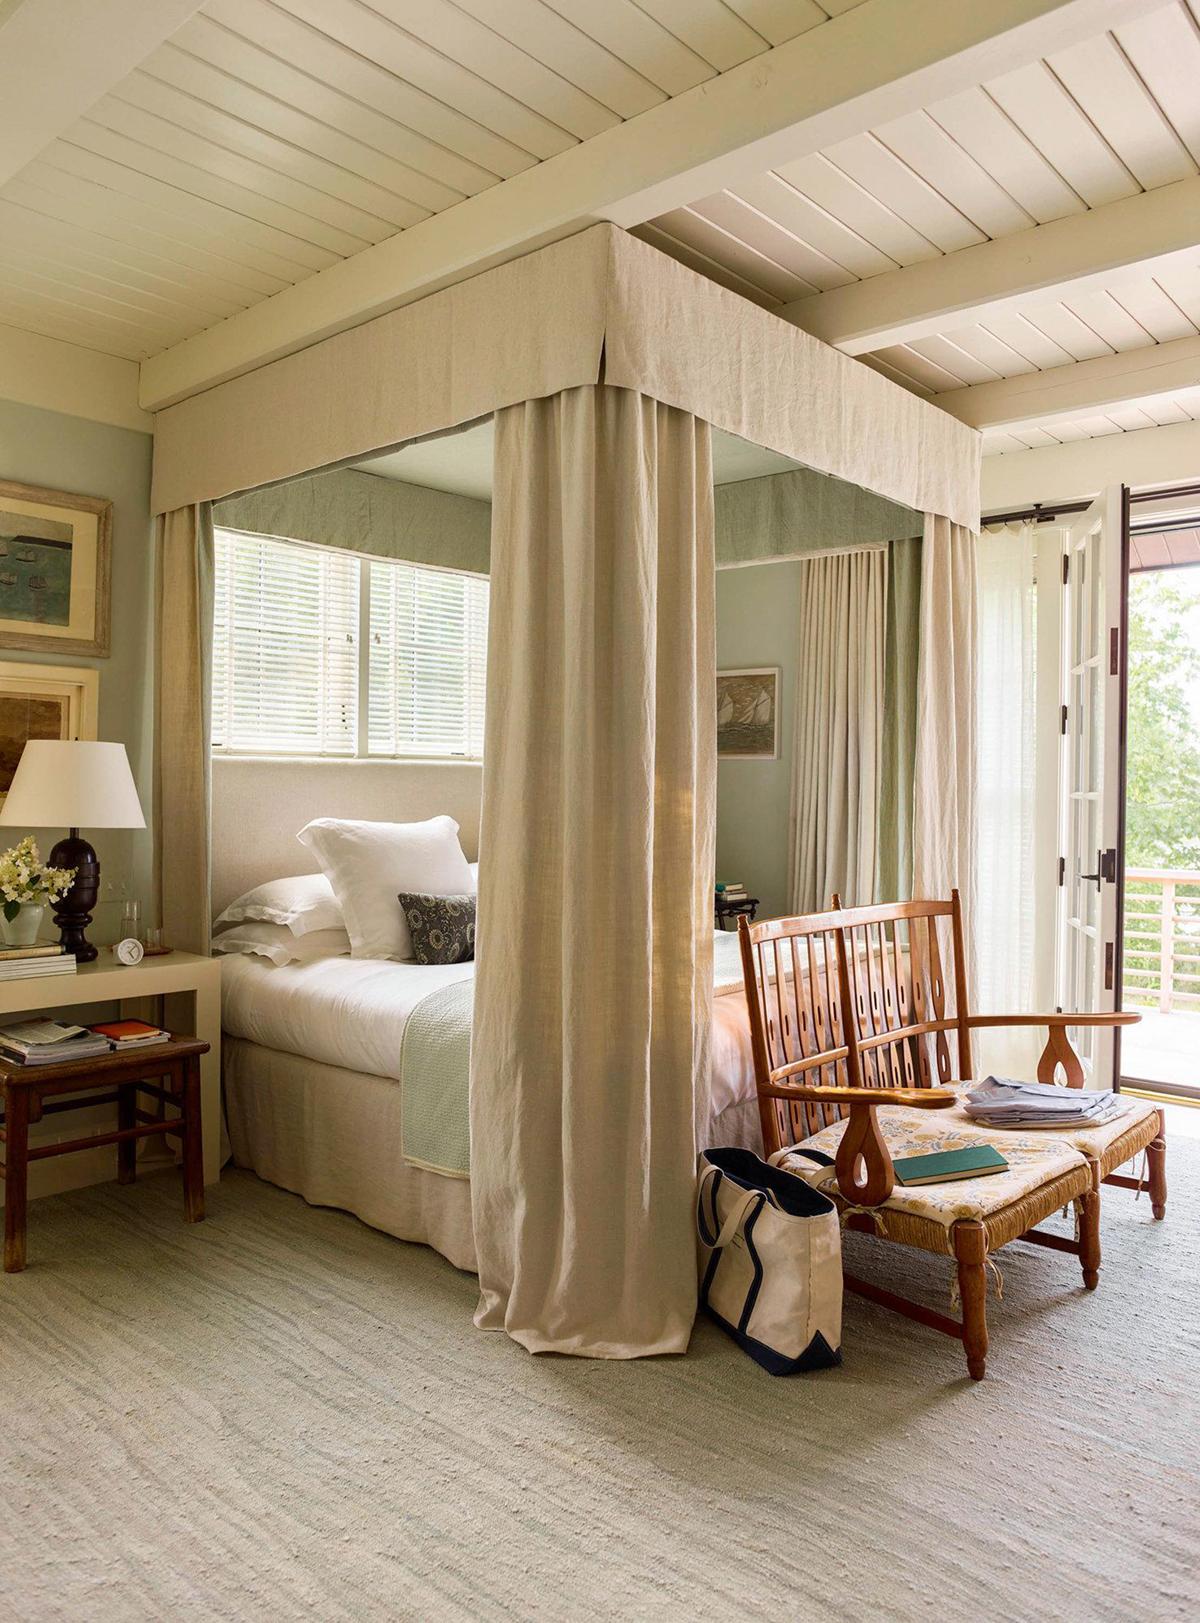 lit de luxe lambrissé de tissu posté quatre dans cette maison de vacances chalet maine | design by gil schafer sur coco kelley